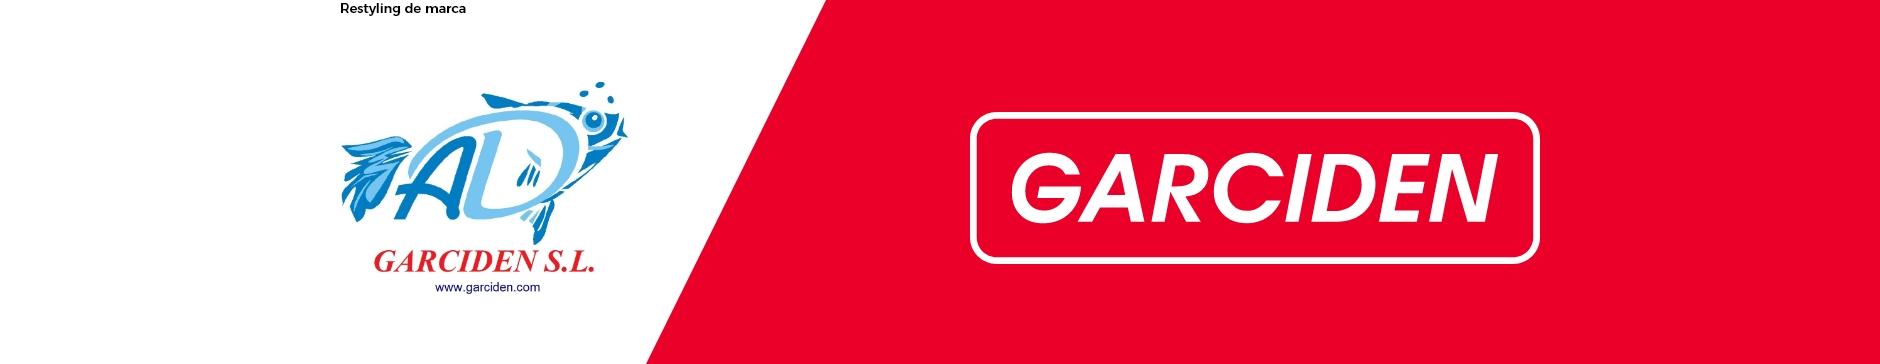 restyling marca Garciden